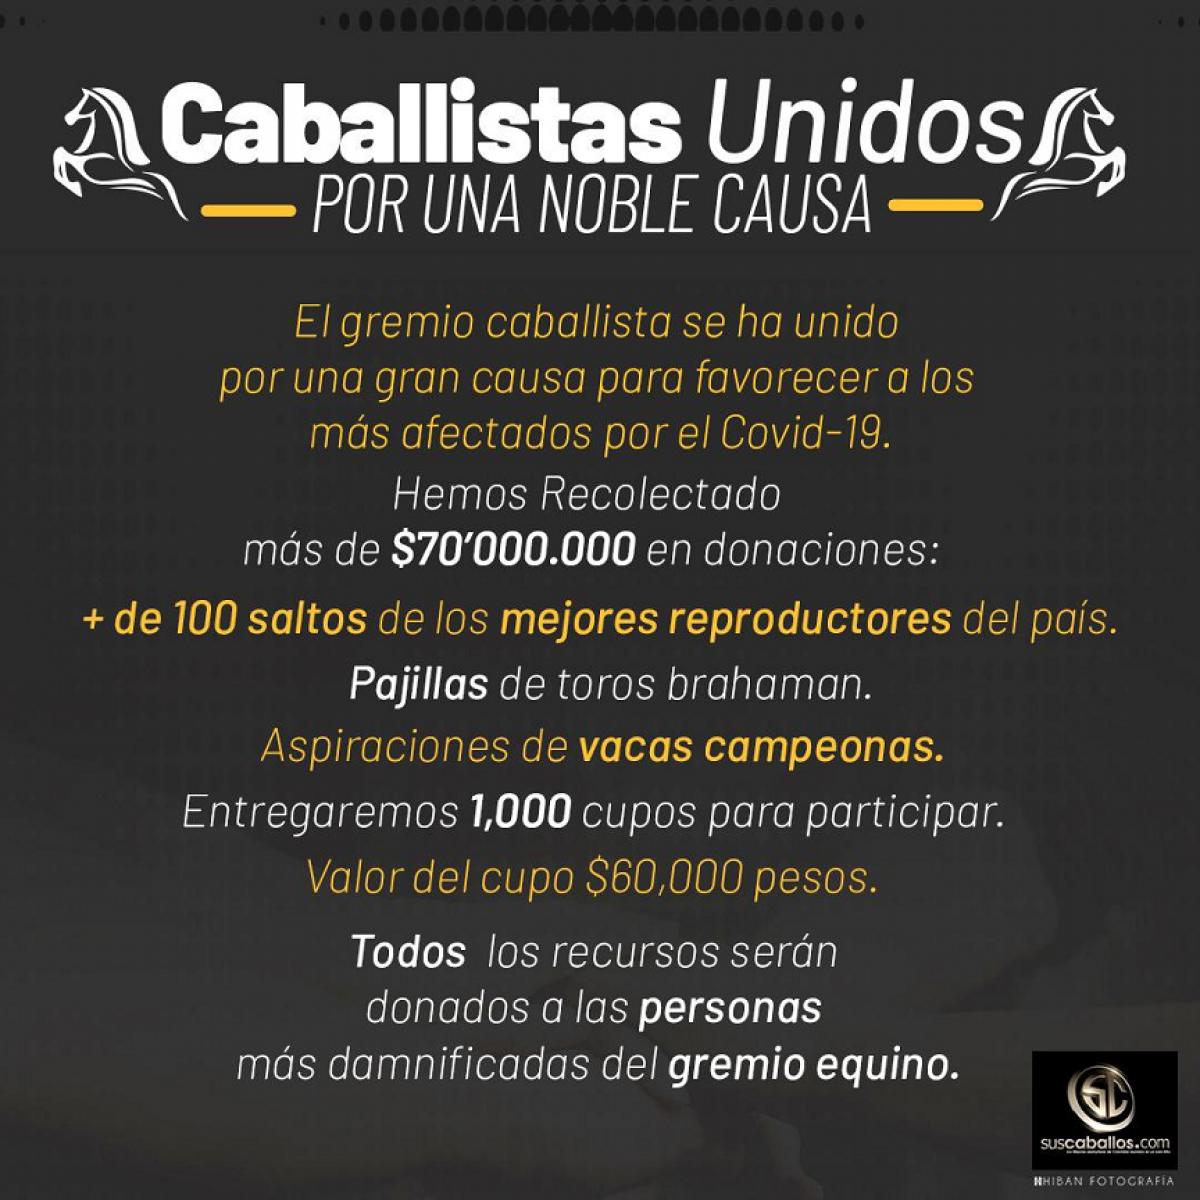 CABALLISTAS UNIDOS POR UNA NOBLE CAUSA